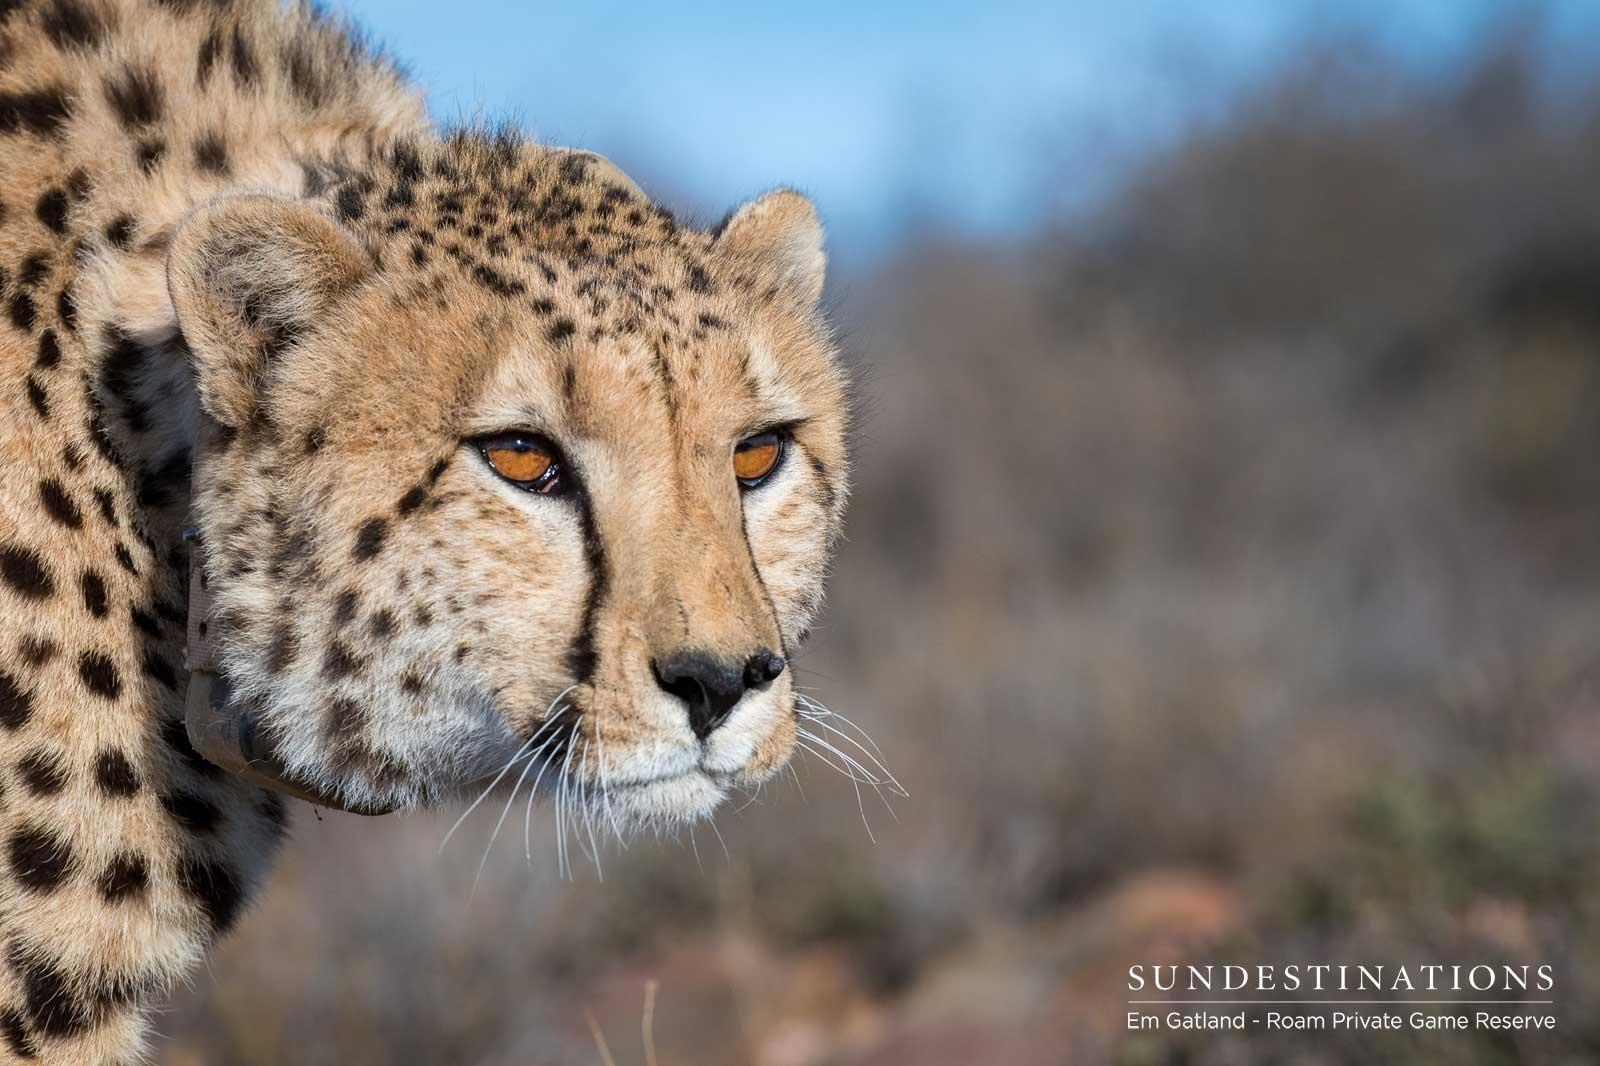 Cheetah at Roam Private Game Reserve